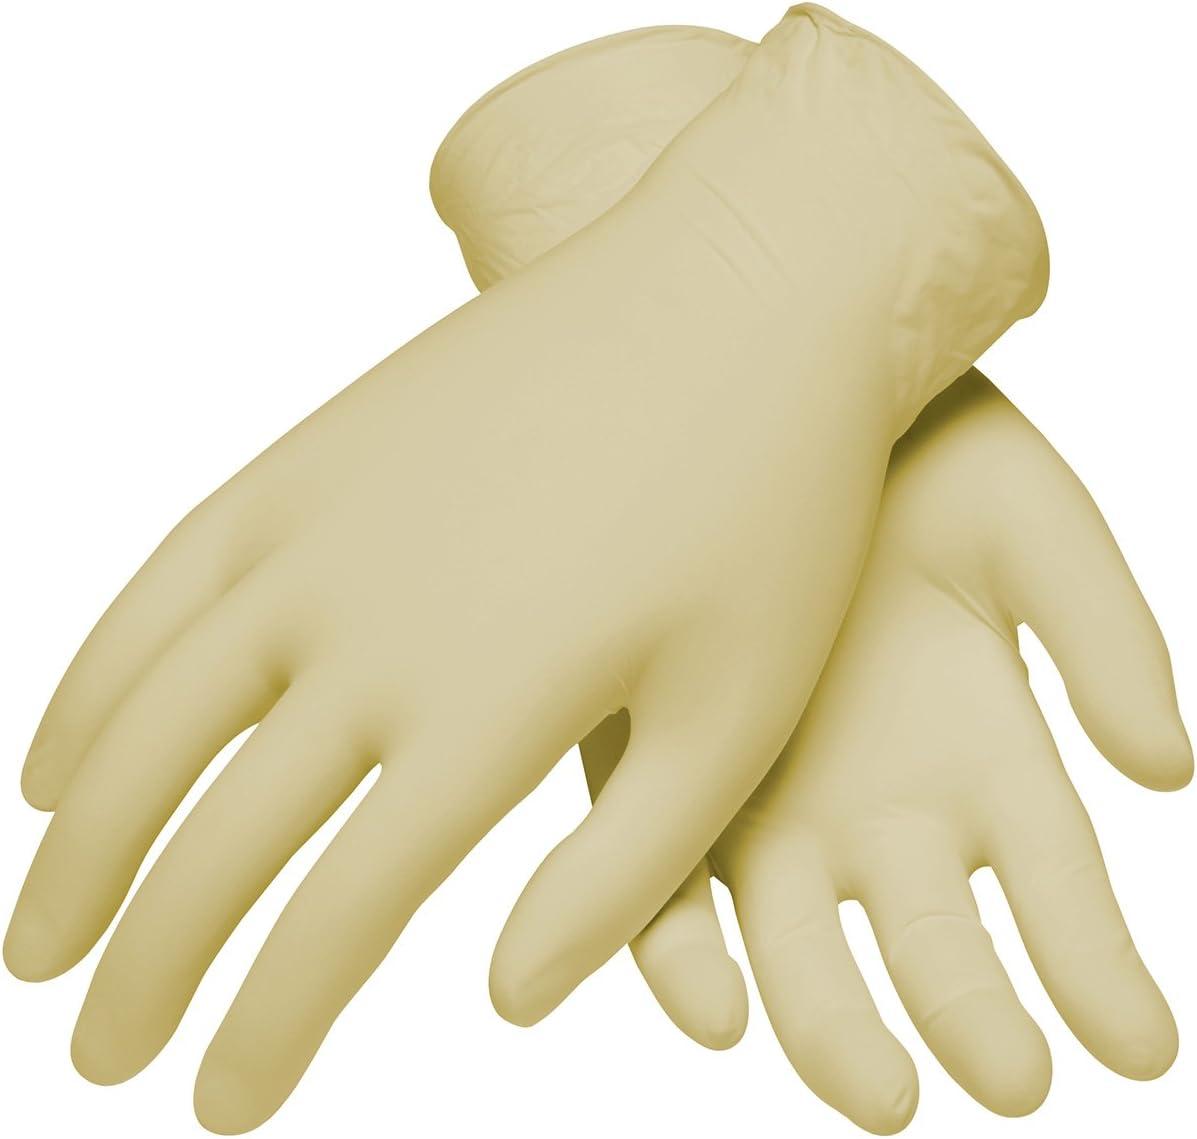 Ambi-dex 62-322PF/L Industrial Grade Disposable Latex Glove, Powder Free, 5 Mil